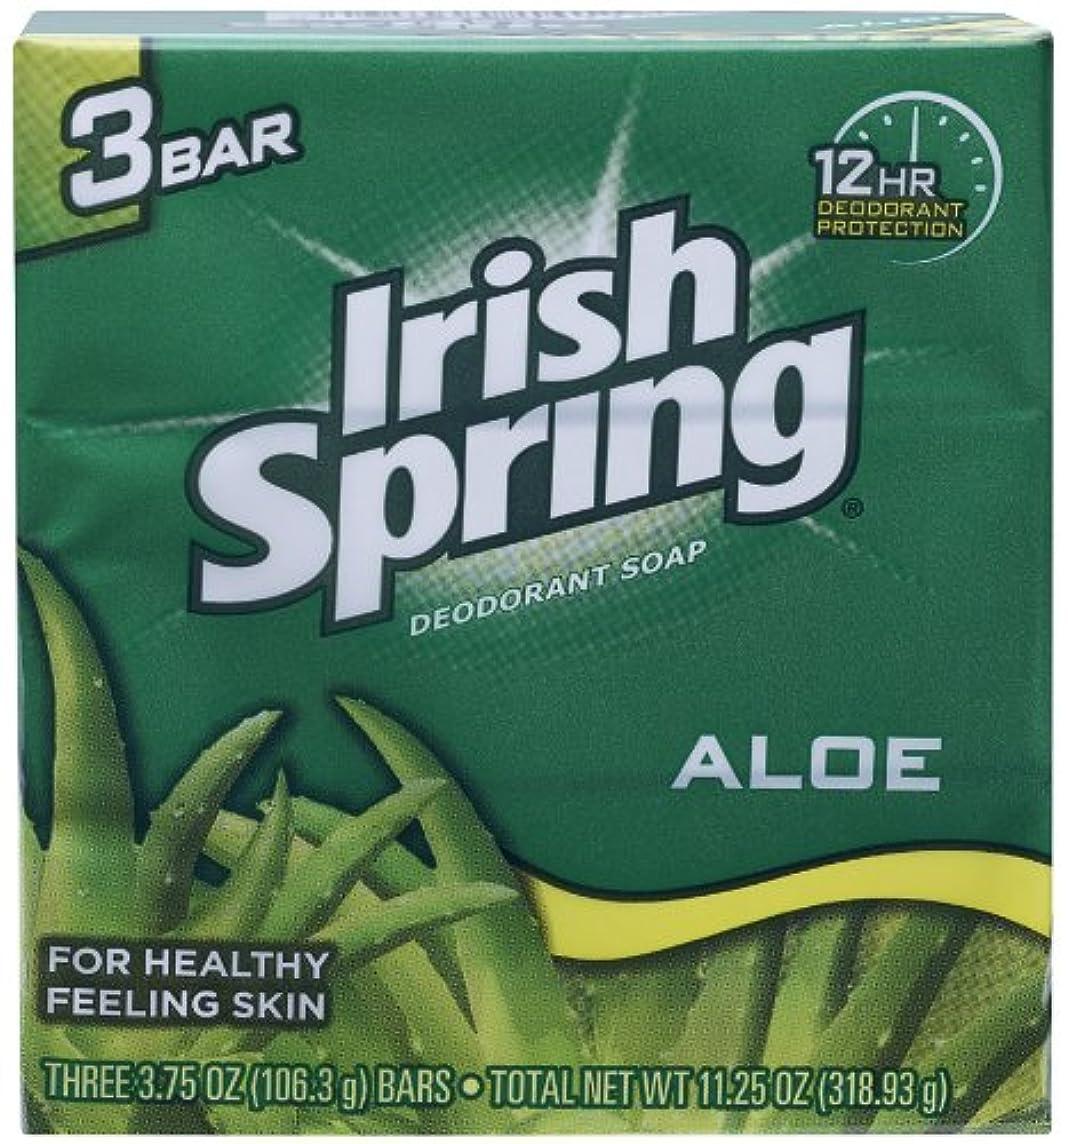 ほうき資格情報不良Irish Spring (IRIAL) ユニセックスのためにアロエデオドラントソープすることにより、3カウント